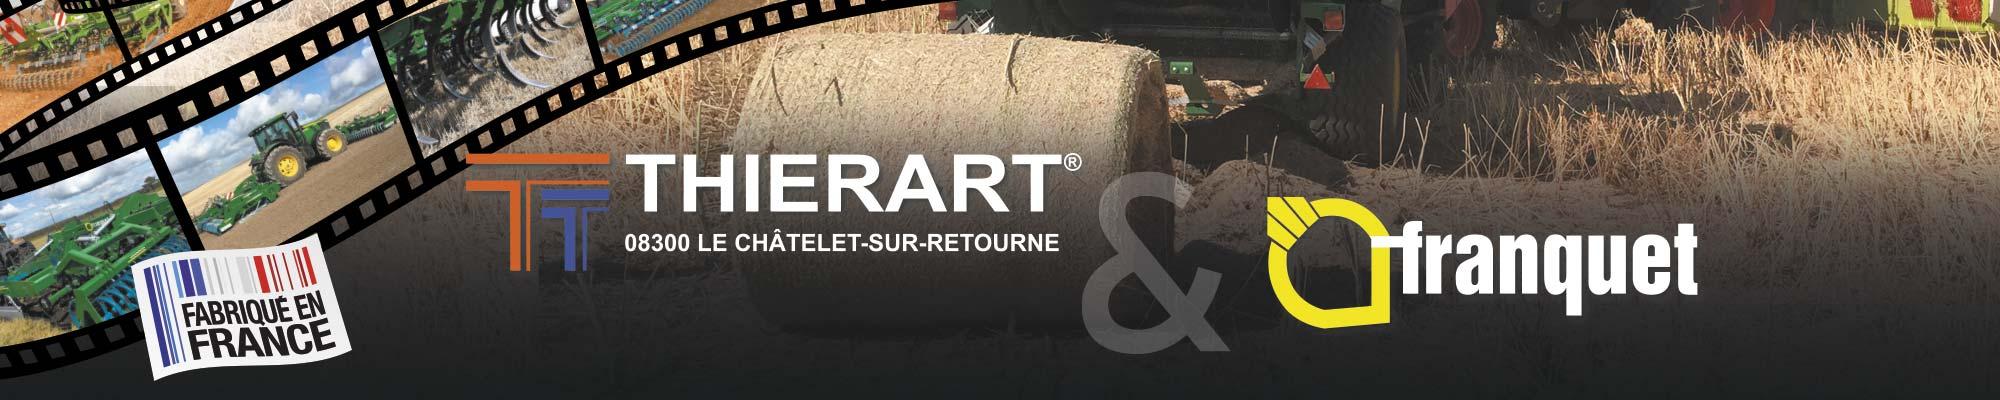 Franquet et Thiérart